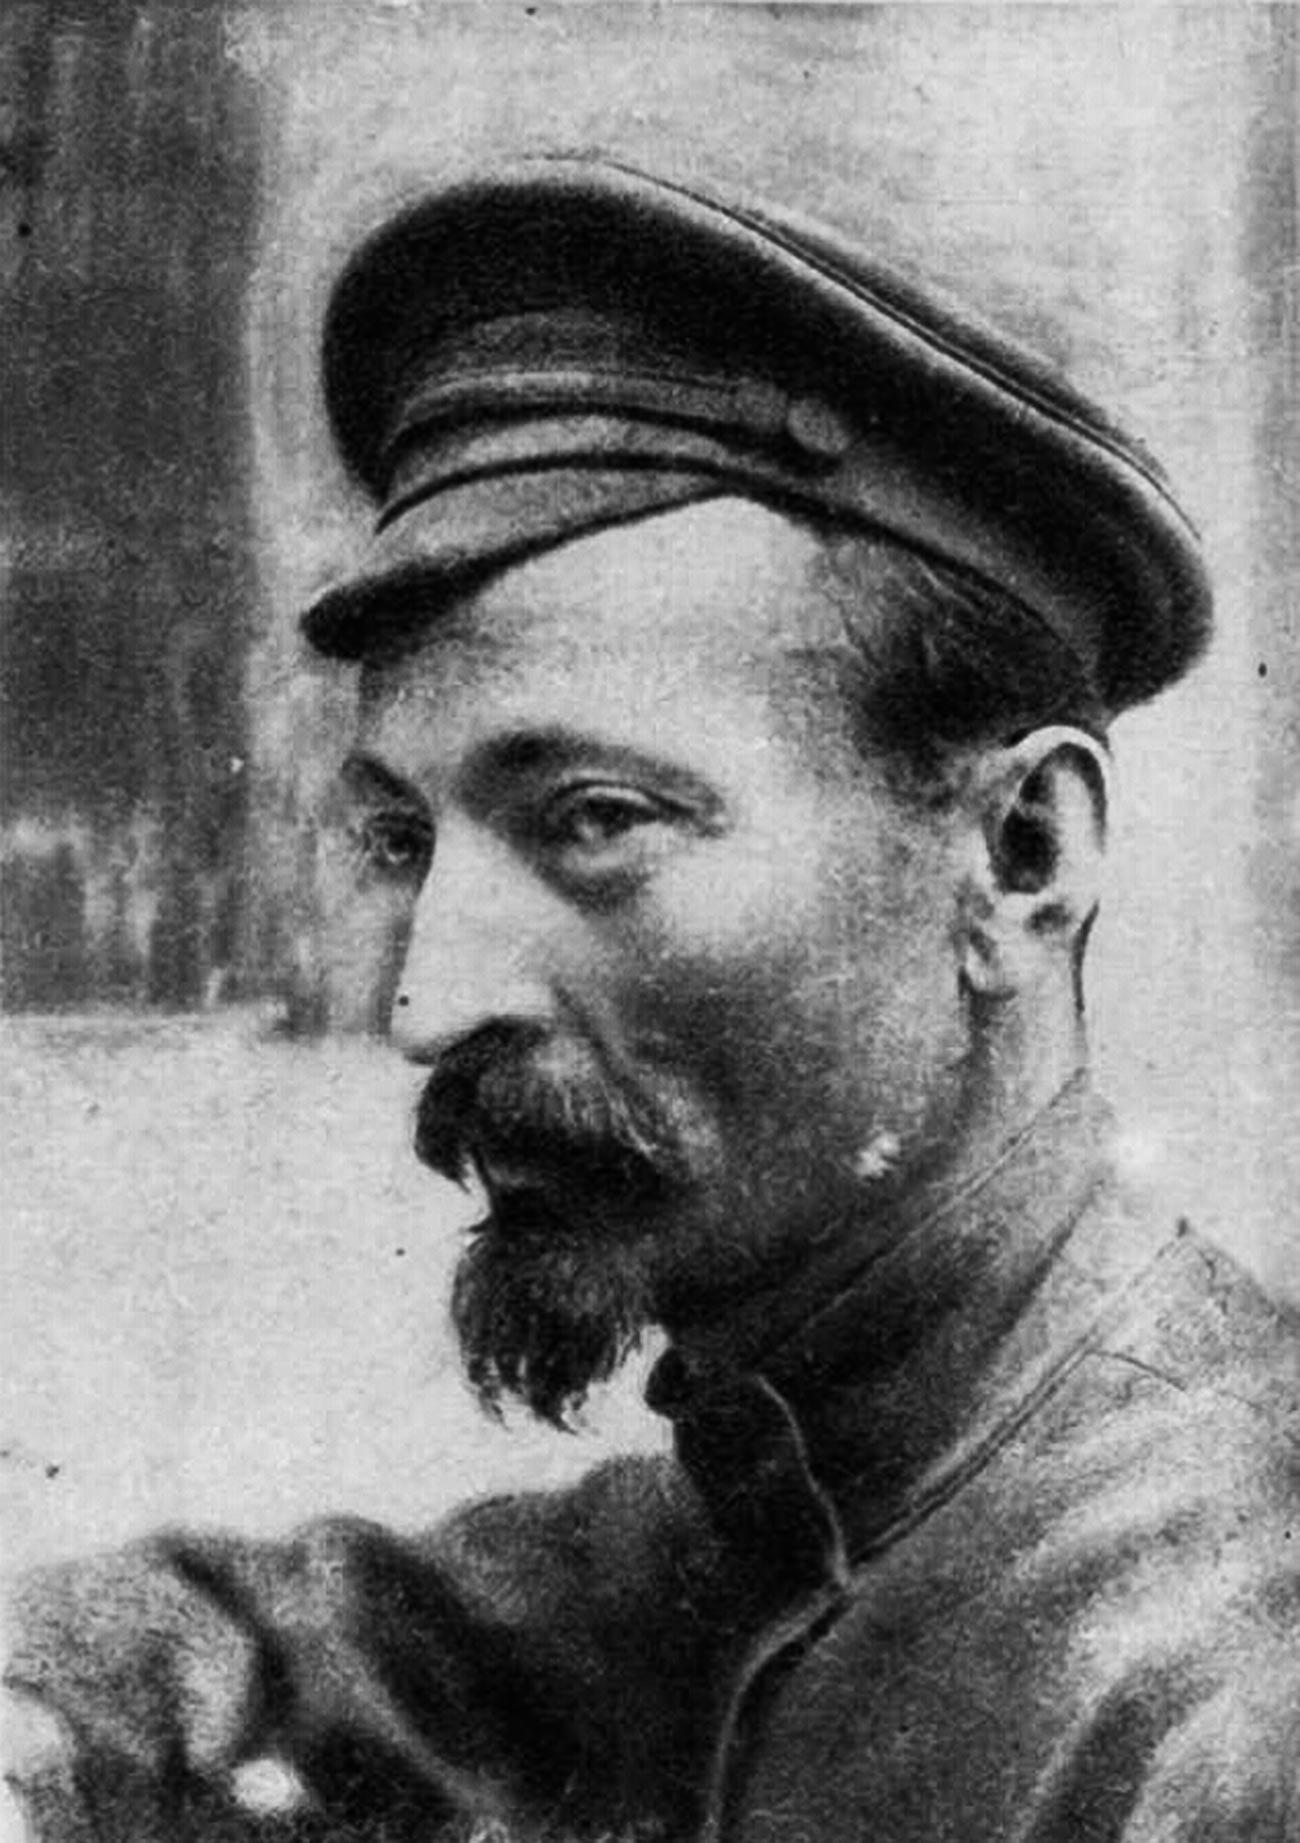 El creador de la famosa checa, Félix Dzerzhinski, 1921